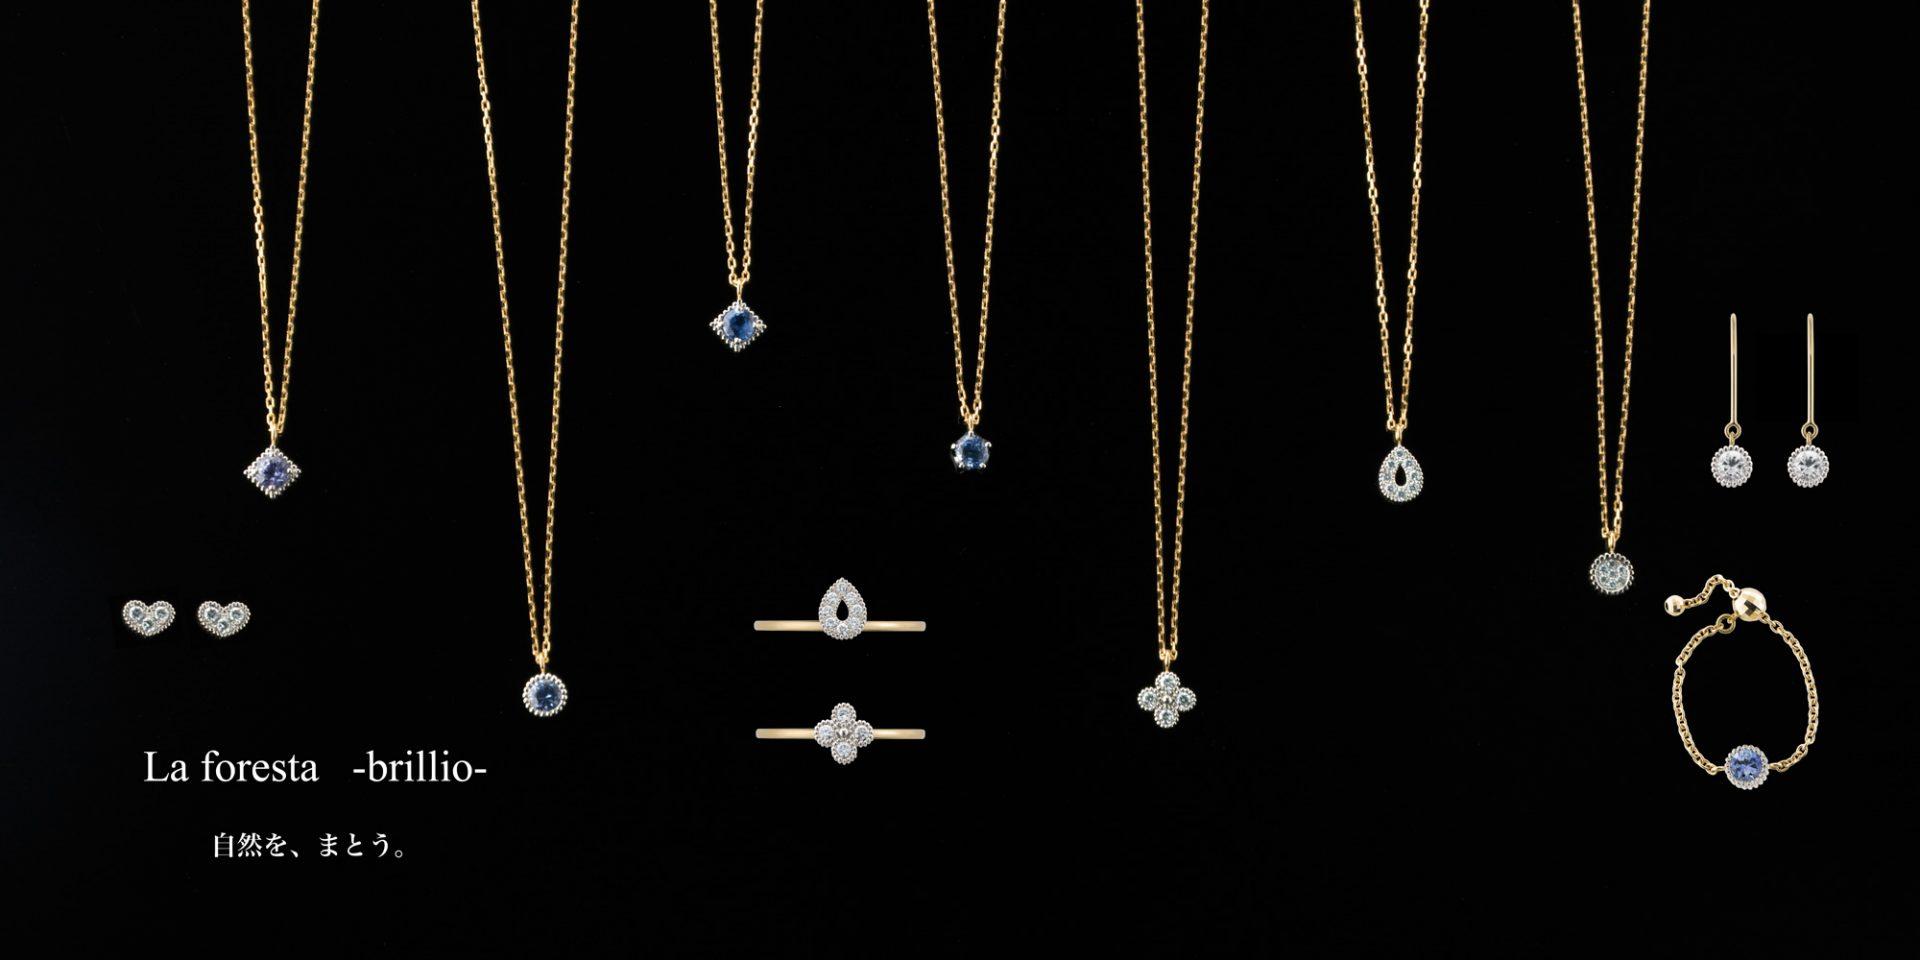 【La foresta】スリランカ産のエシカル・フェアトレードのサファイアとオーストラリア産のダイヤモンドを用いたジュエリーコレクション